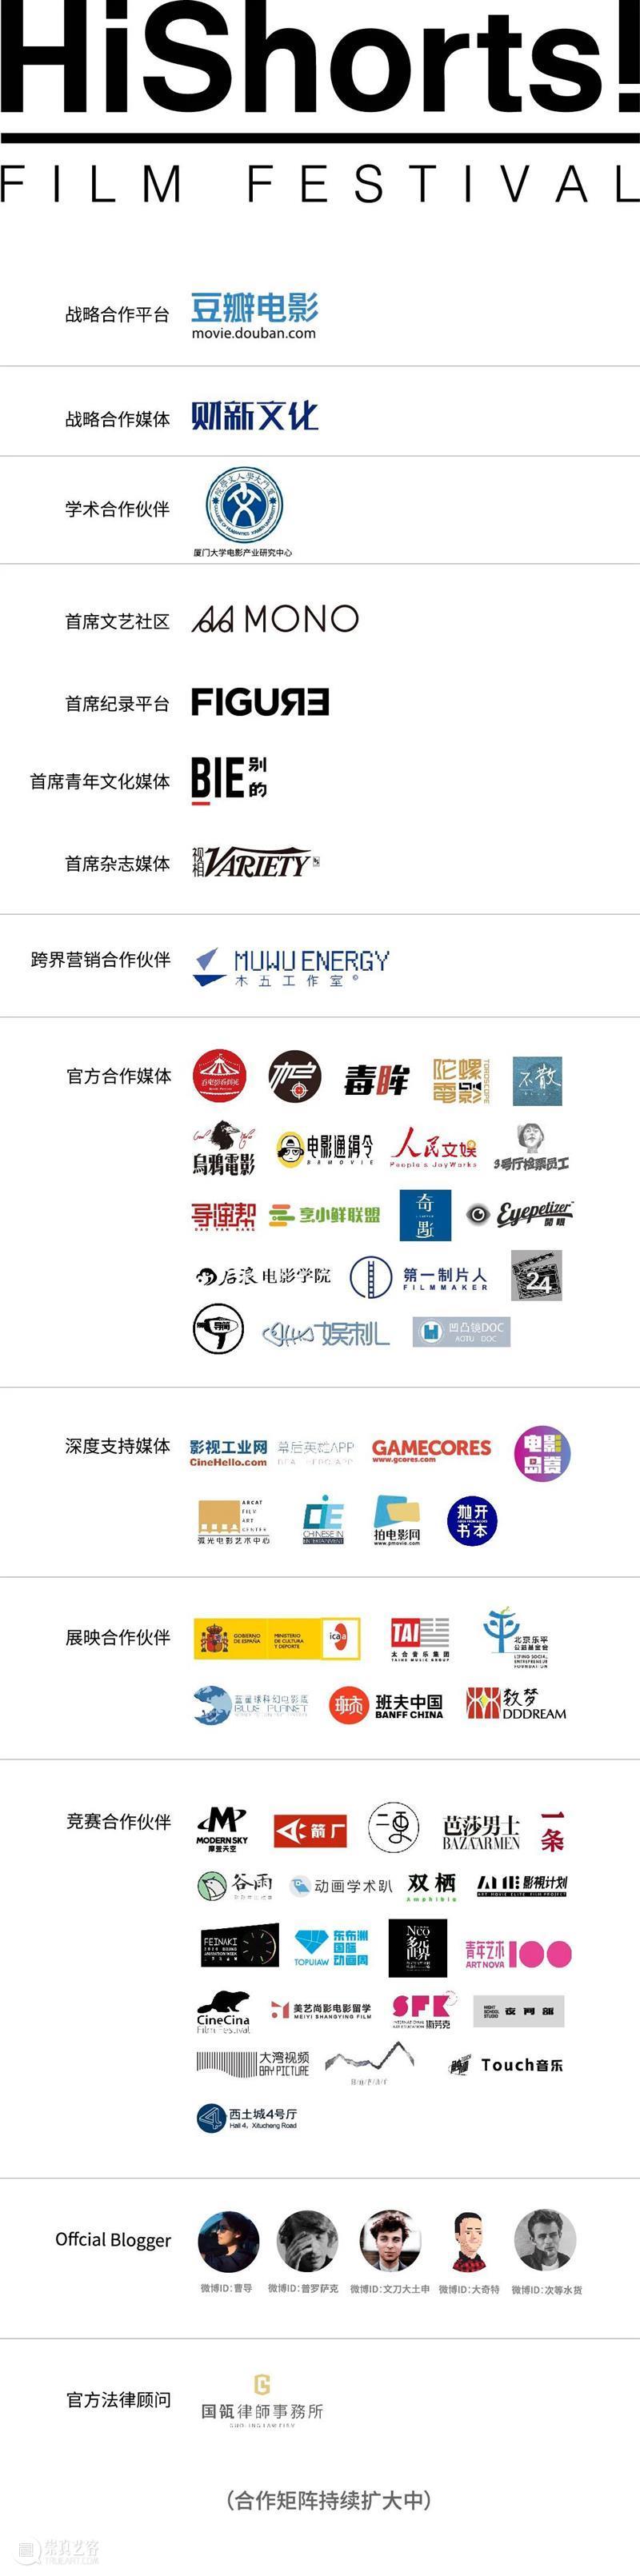 恭喜TA们入围了 !|2020HiShorts!入围名单发布 Shorts 名单 TA们 厦门 短片 影展 组委会 论坛 市场 体系 崇真艺客